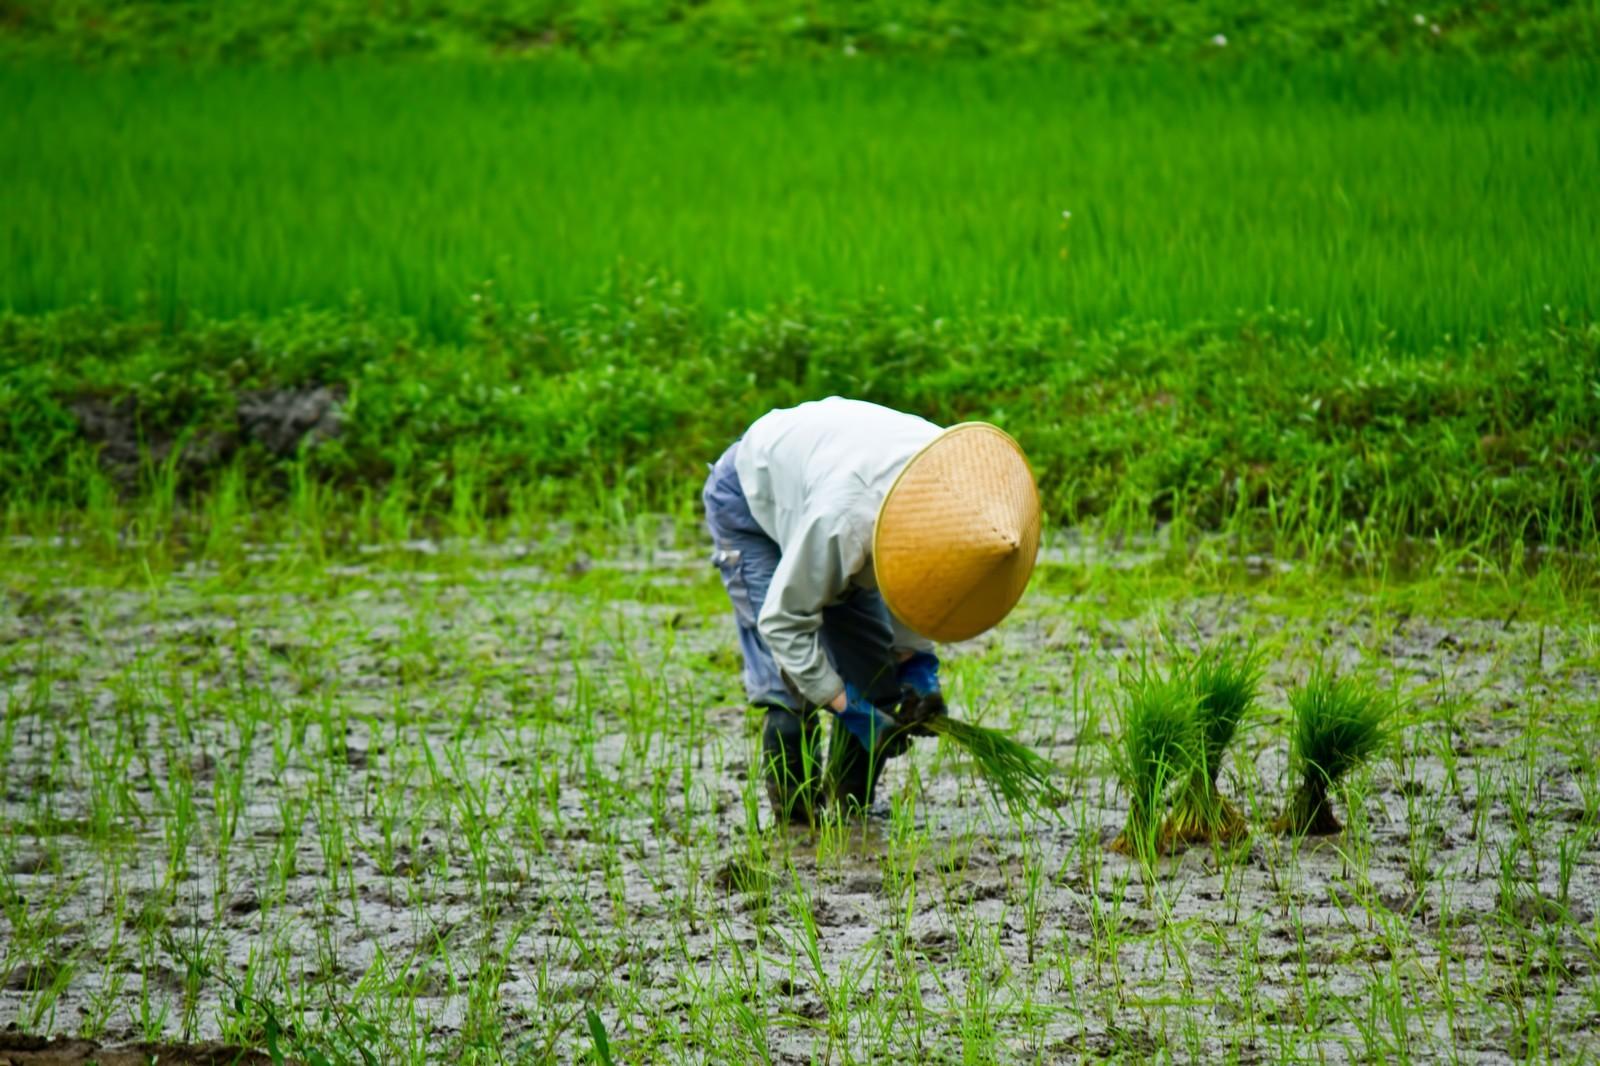 農夫種植全穀類食物